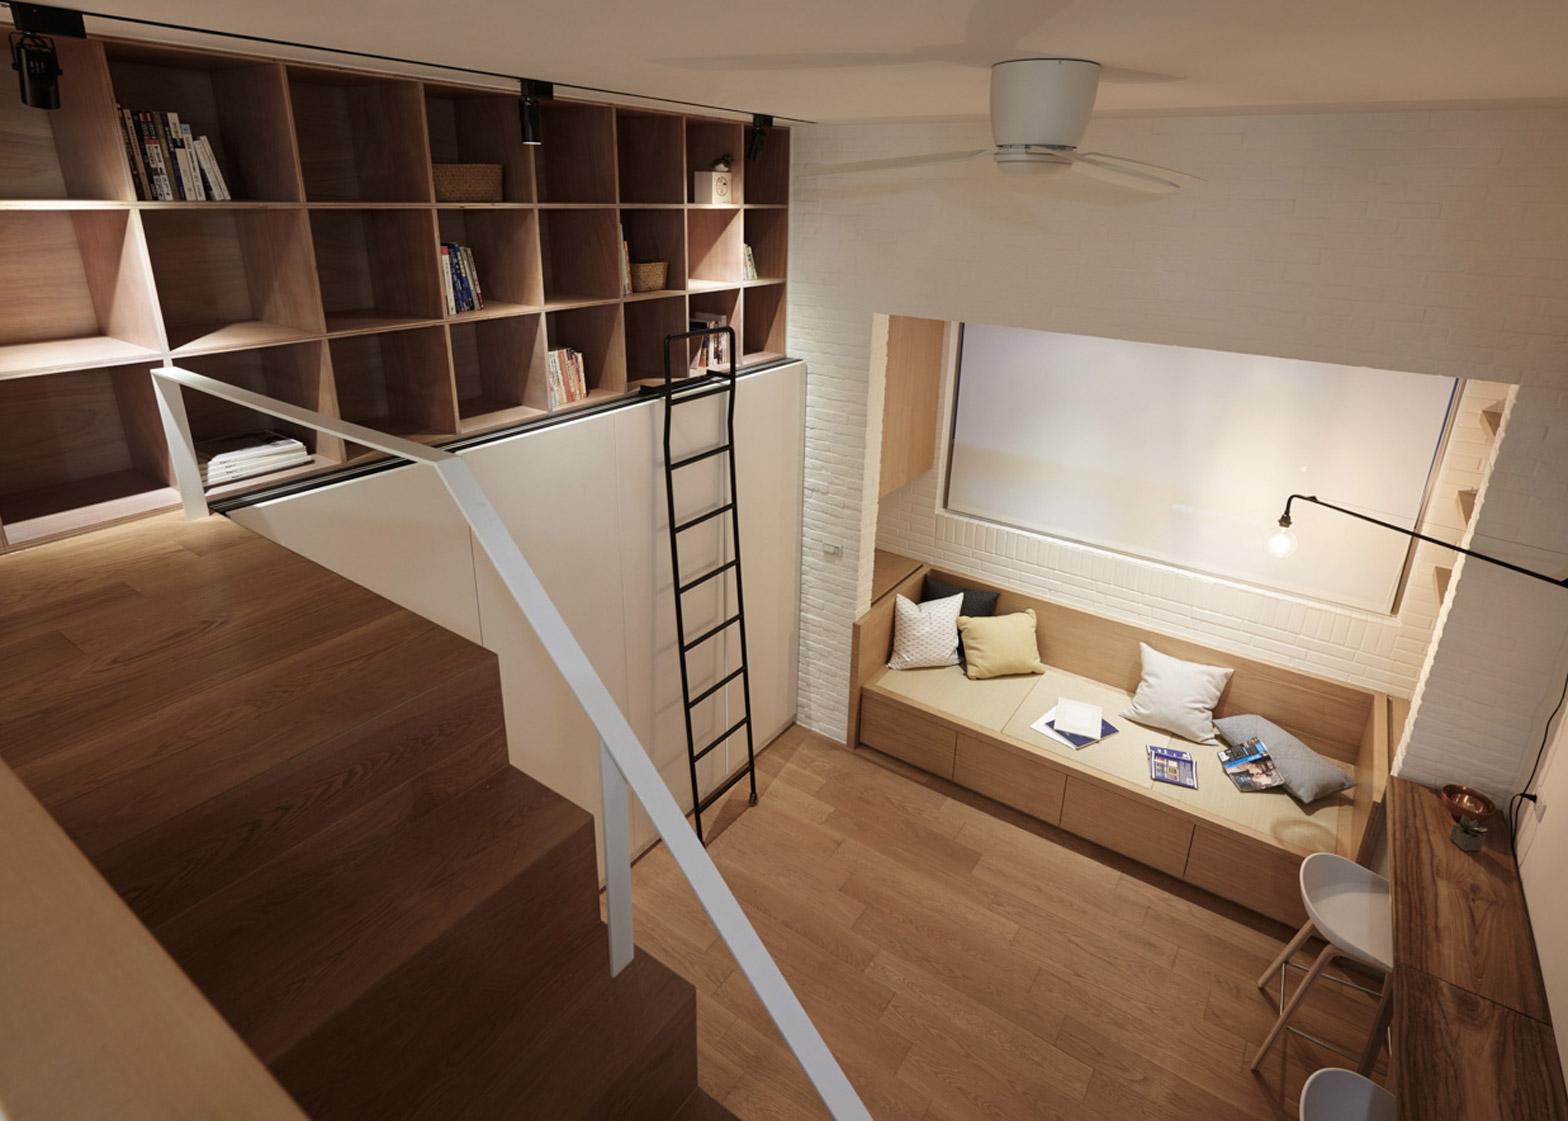 A Little Design creates 22m2 apartment in Taiwan